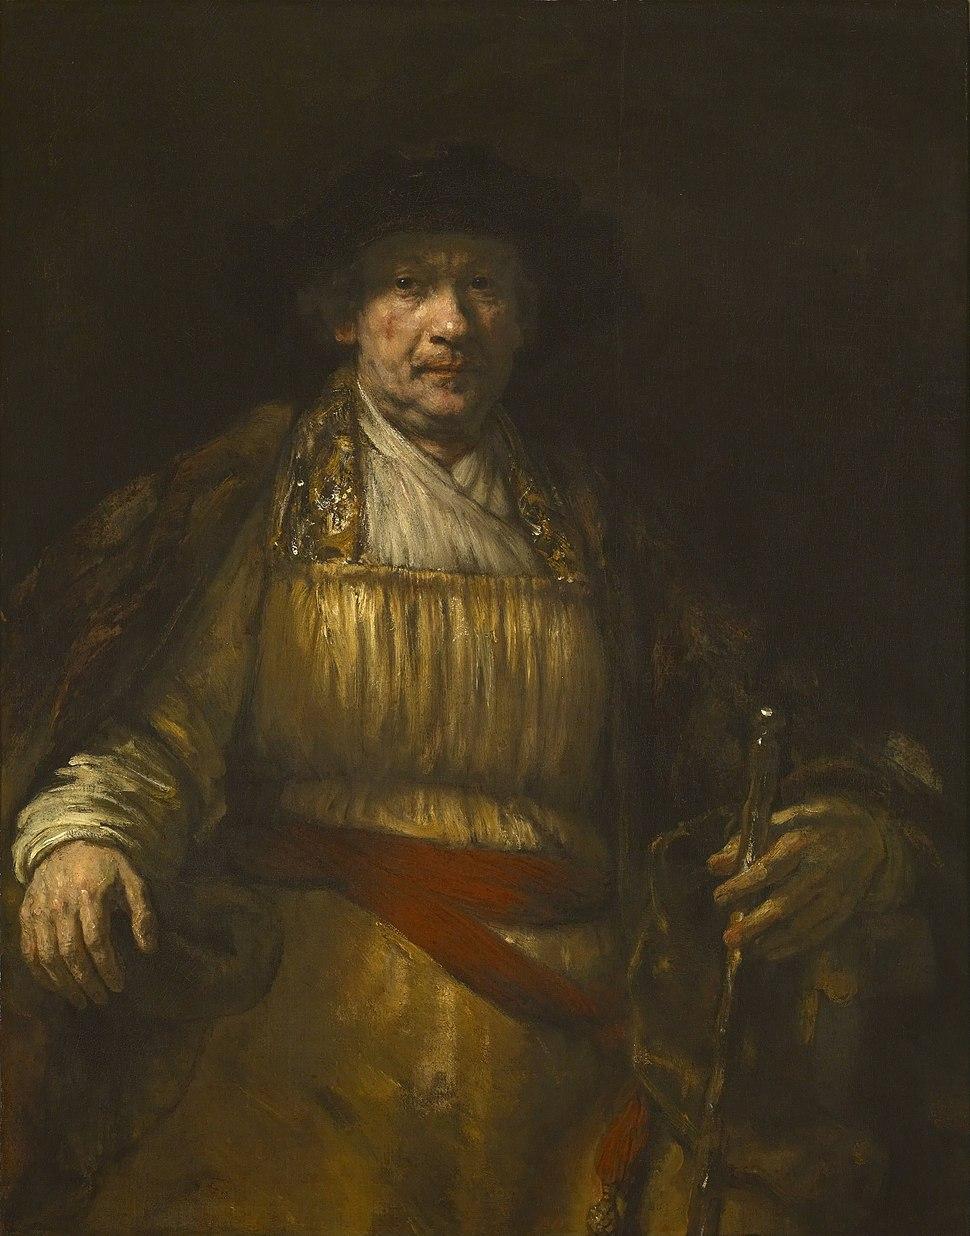 Rembrandt - Zelfportret - Google Art Project